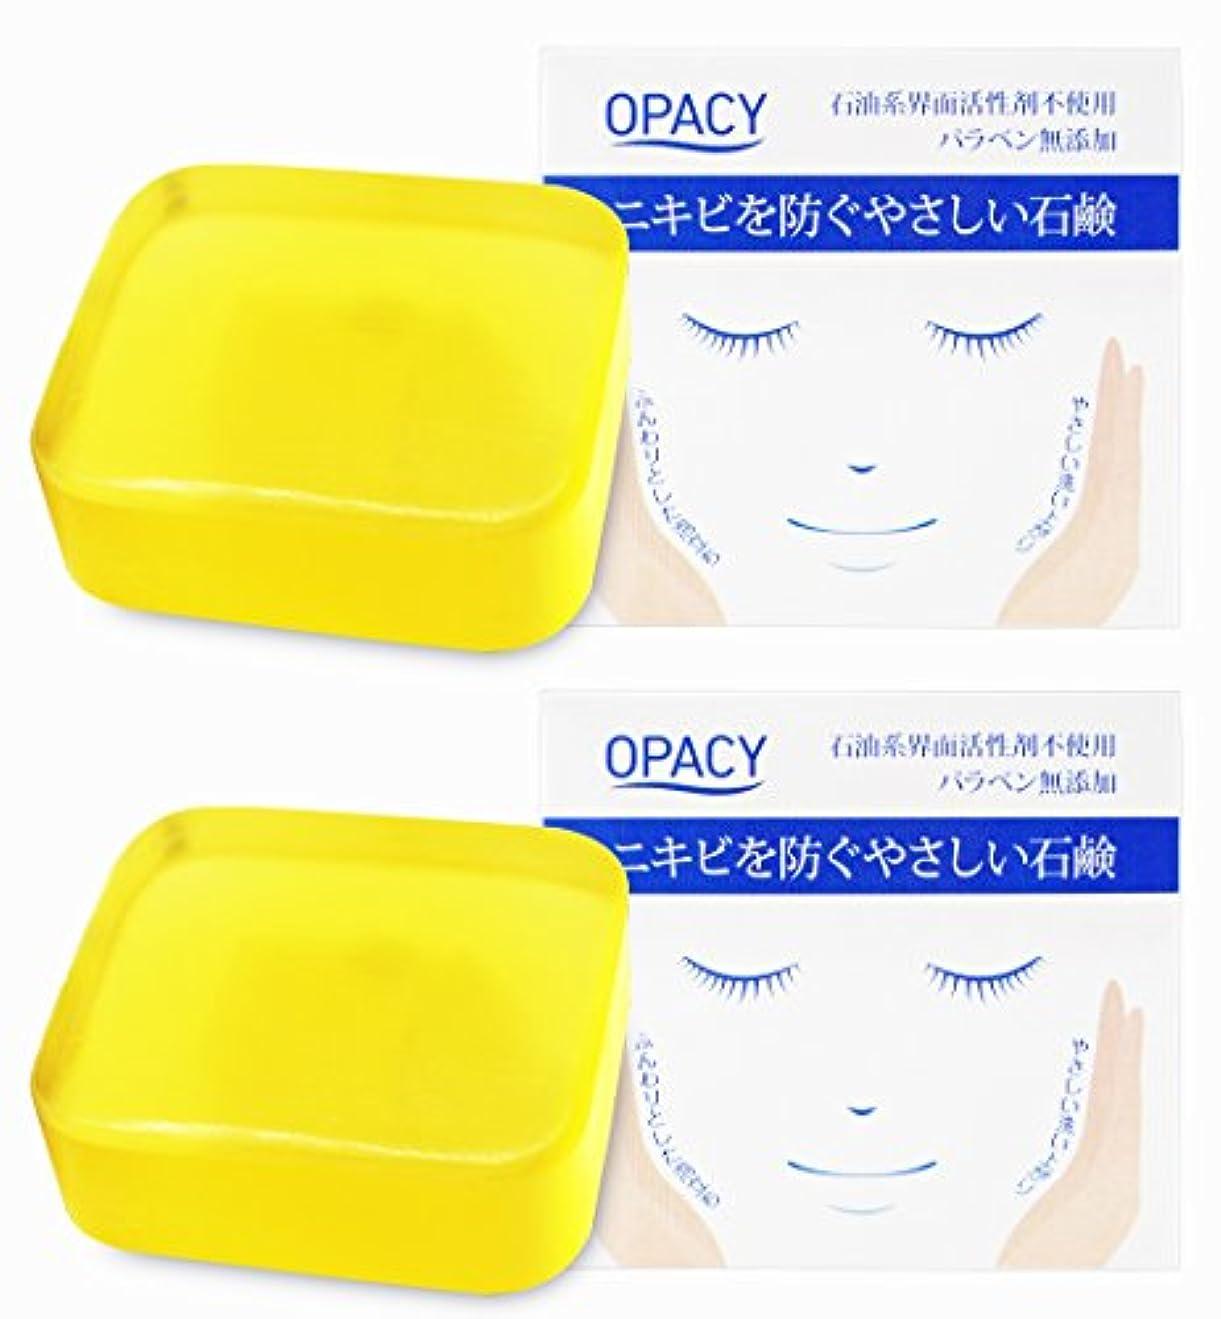 嵐の日付脊椎【2個セット】オパシー石鹸100g (2個)